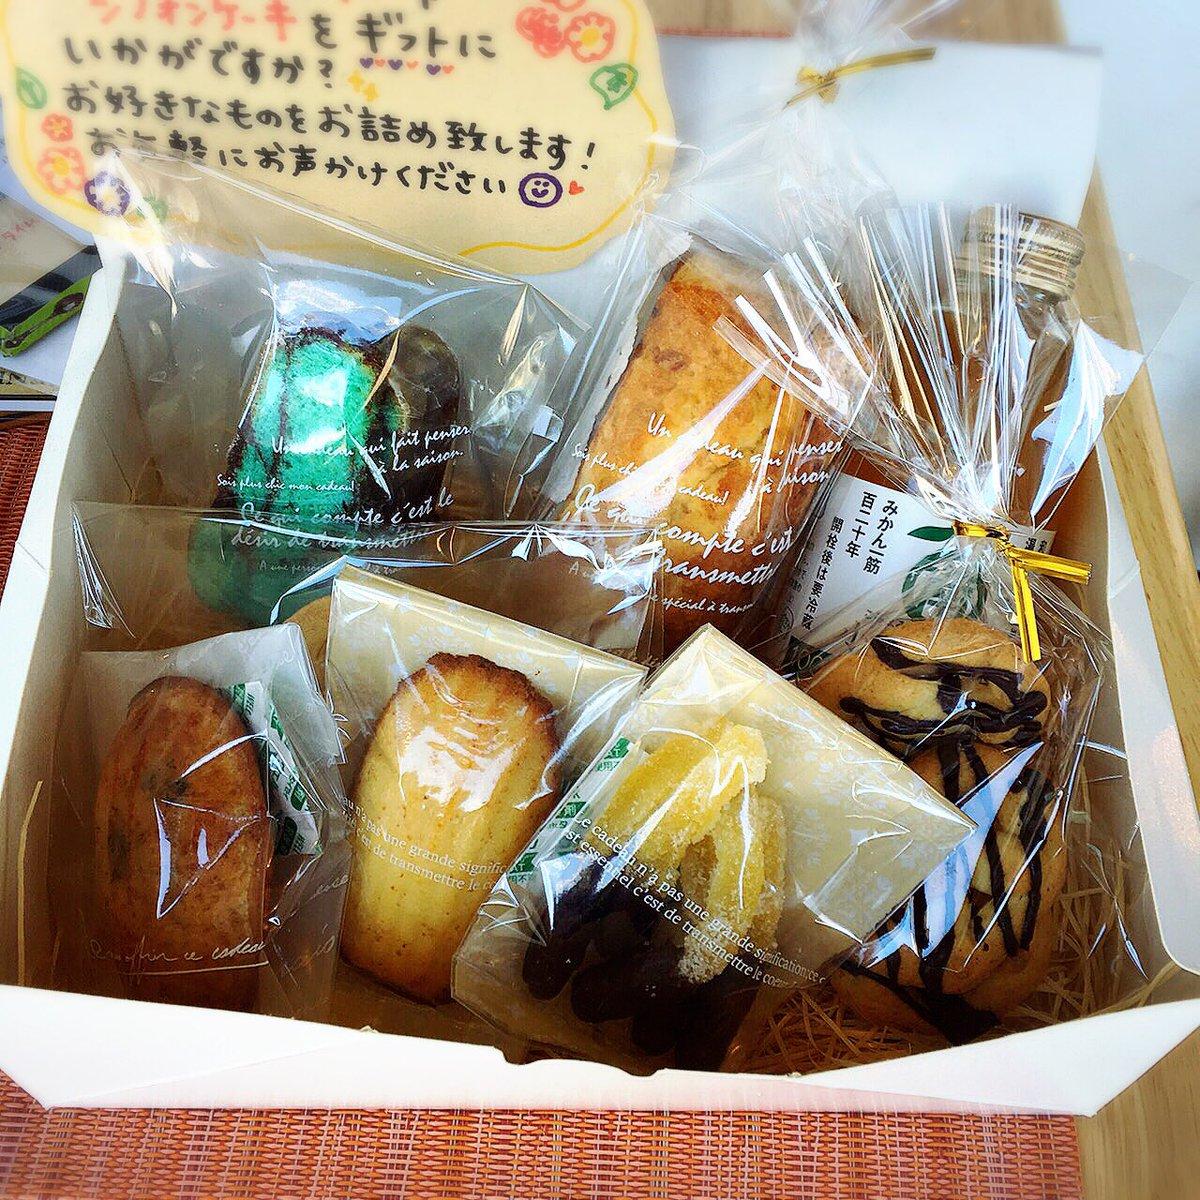 焼き菓子ございます♫ チョコミントクグロフ、マドレーヌフィグ、マドレーヌ柚子レモン、抹茶と大納言のパウンドなどなど、、、 ヴァローナのパウンドもございます! ココア不使用となっております(^^)